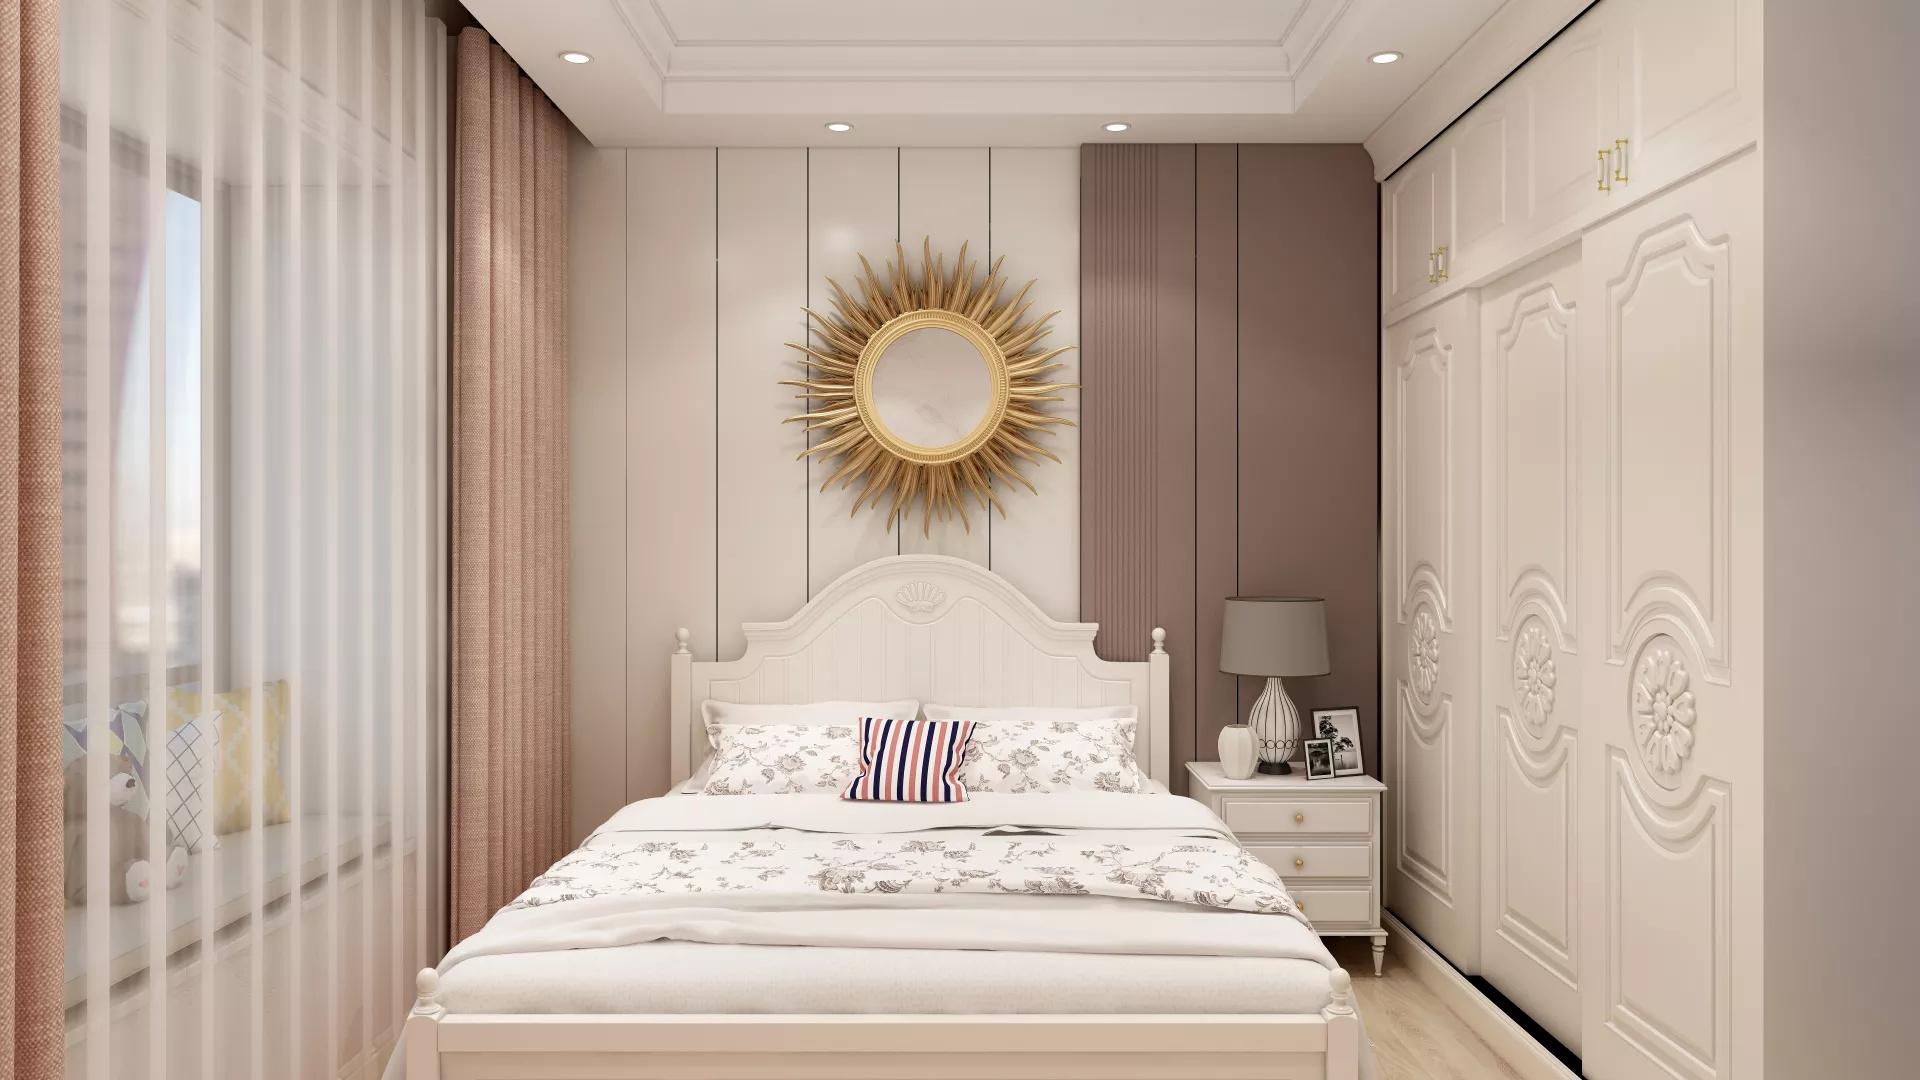 现代简约装修风格的特点 地中海装修风格的特点